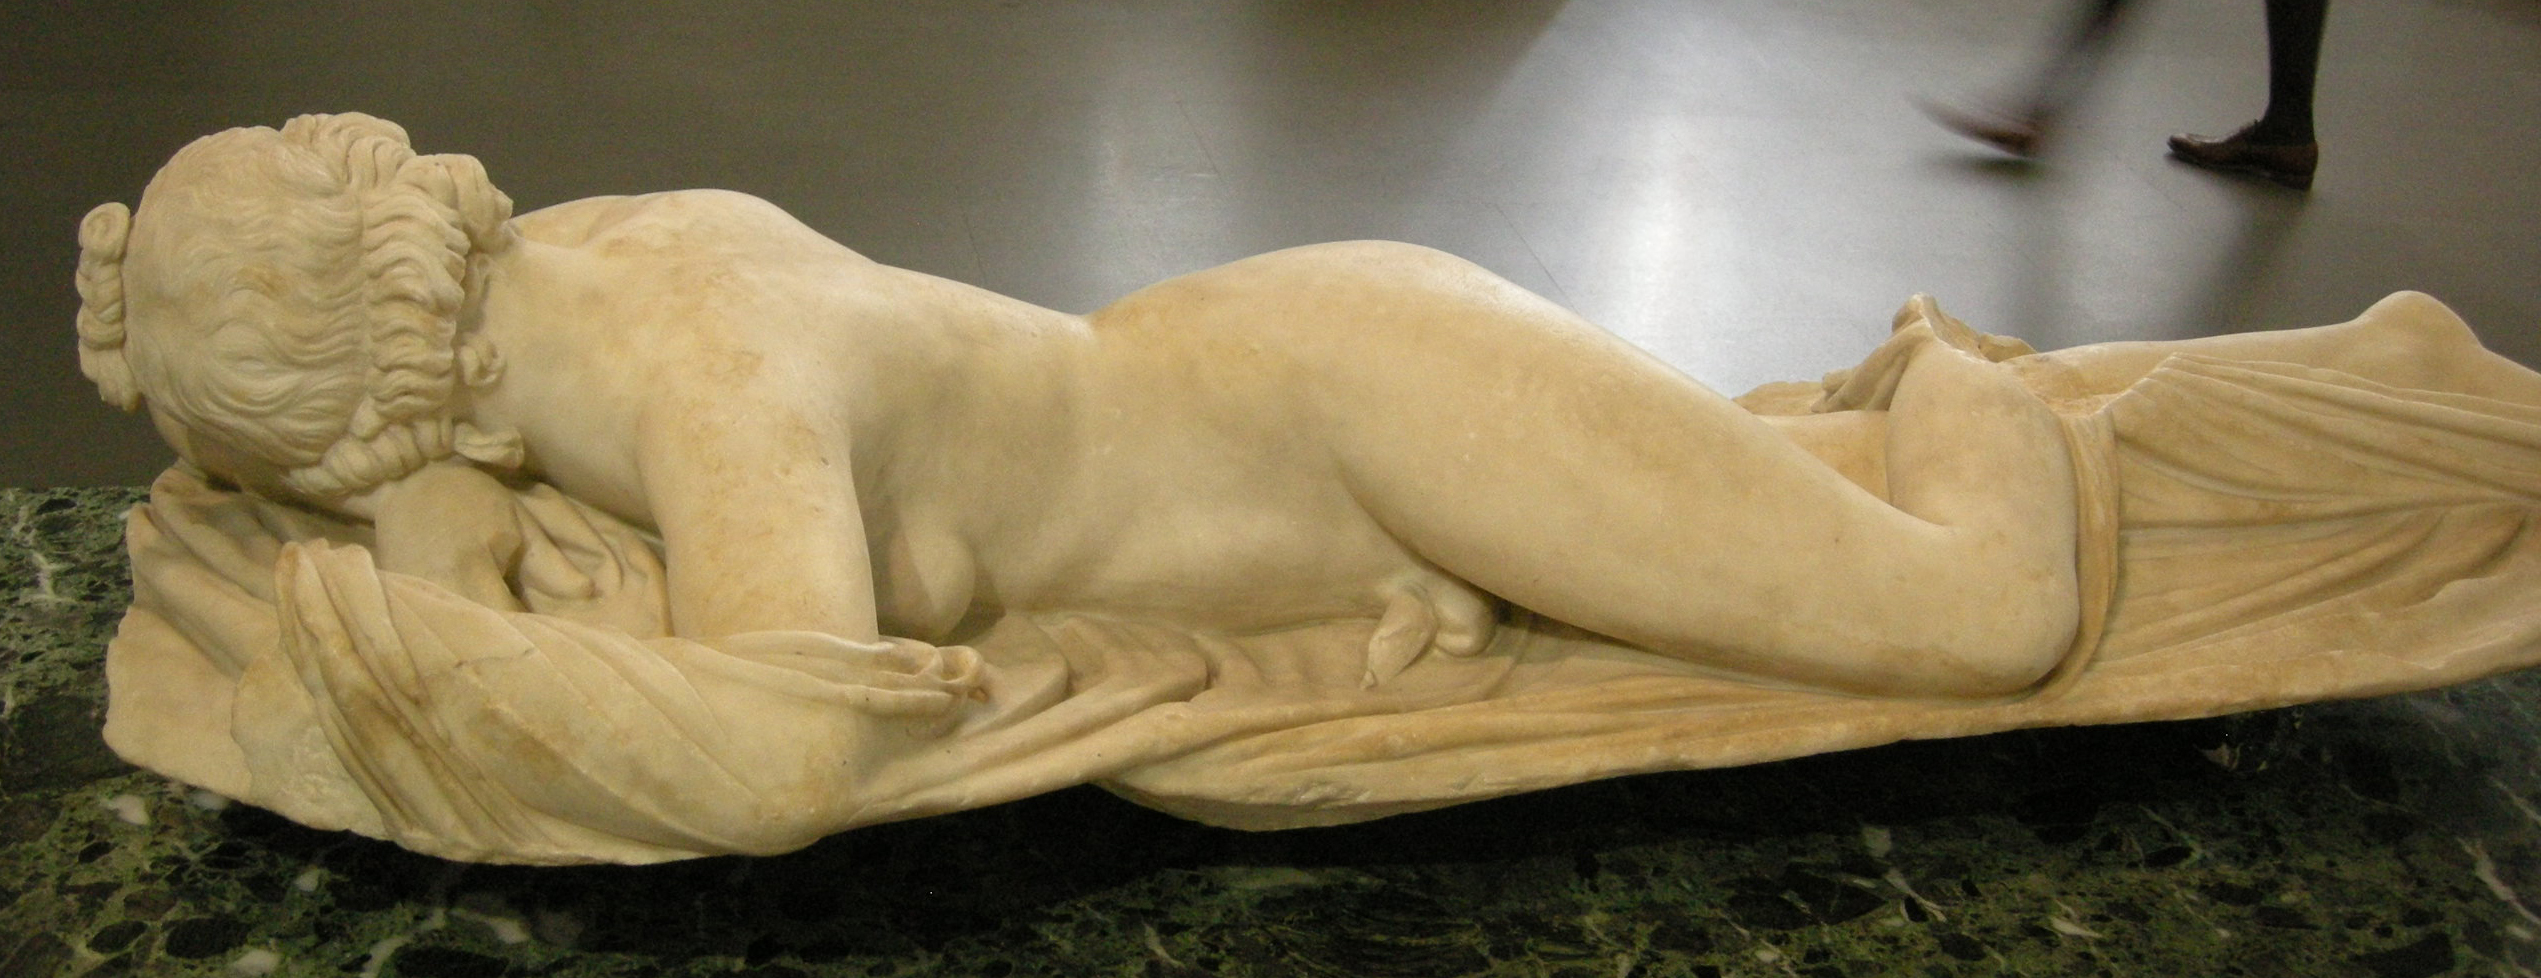 Ermafrodito (Figlio di Emes e Afrodite) - Museo nazionale romano - simbolismo della congiunzione degli opposti